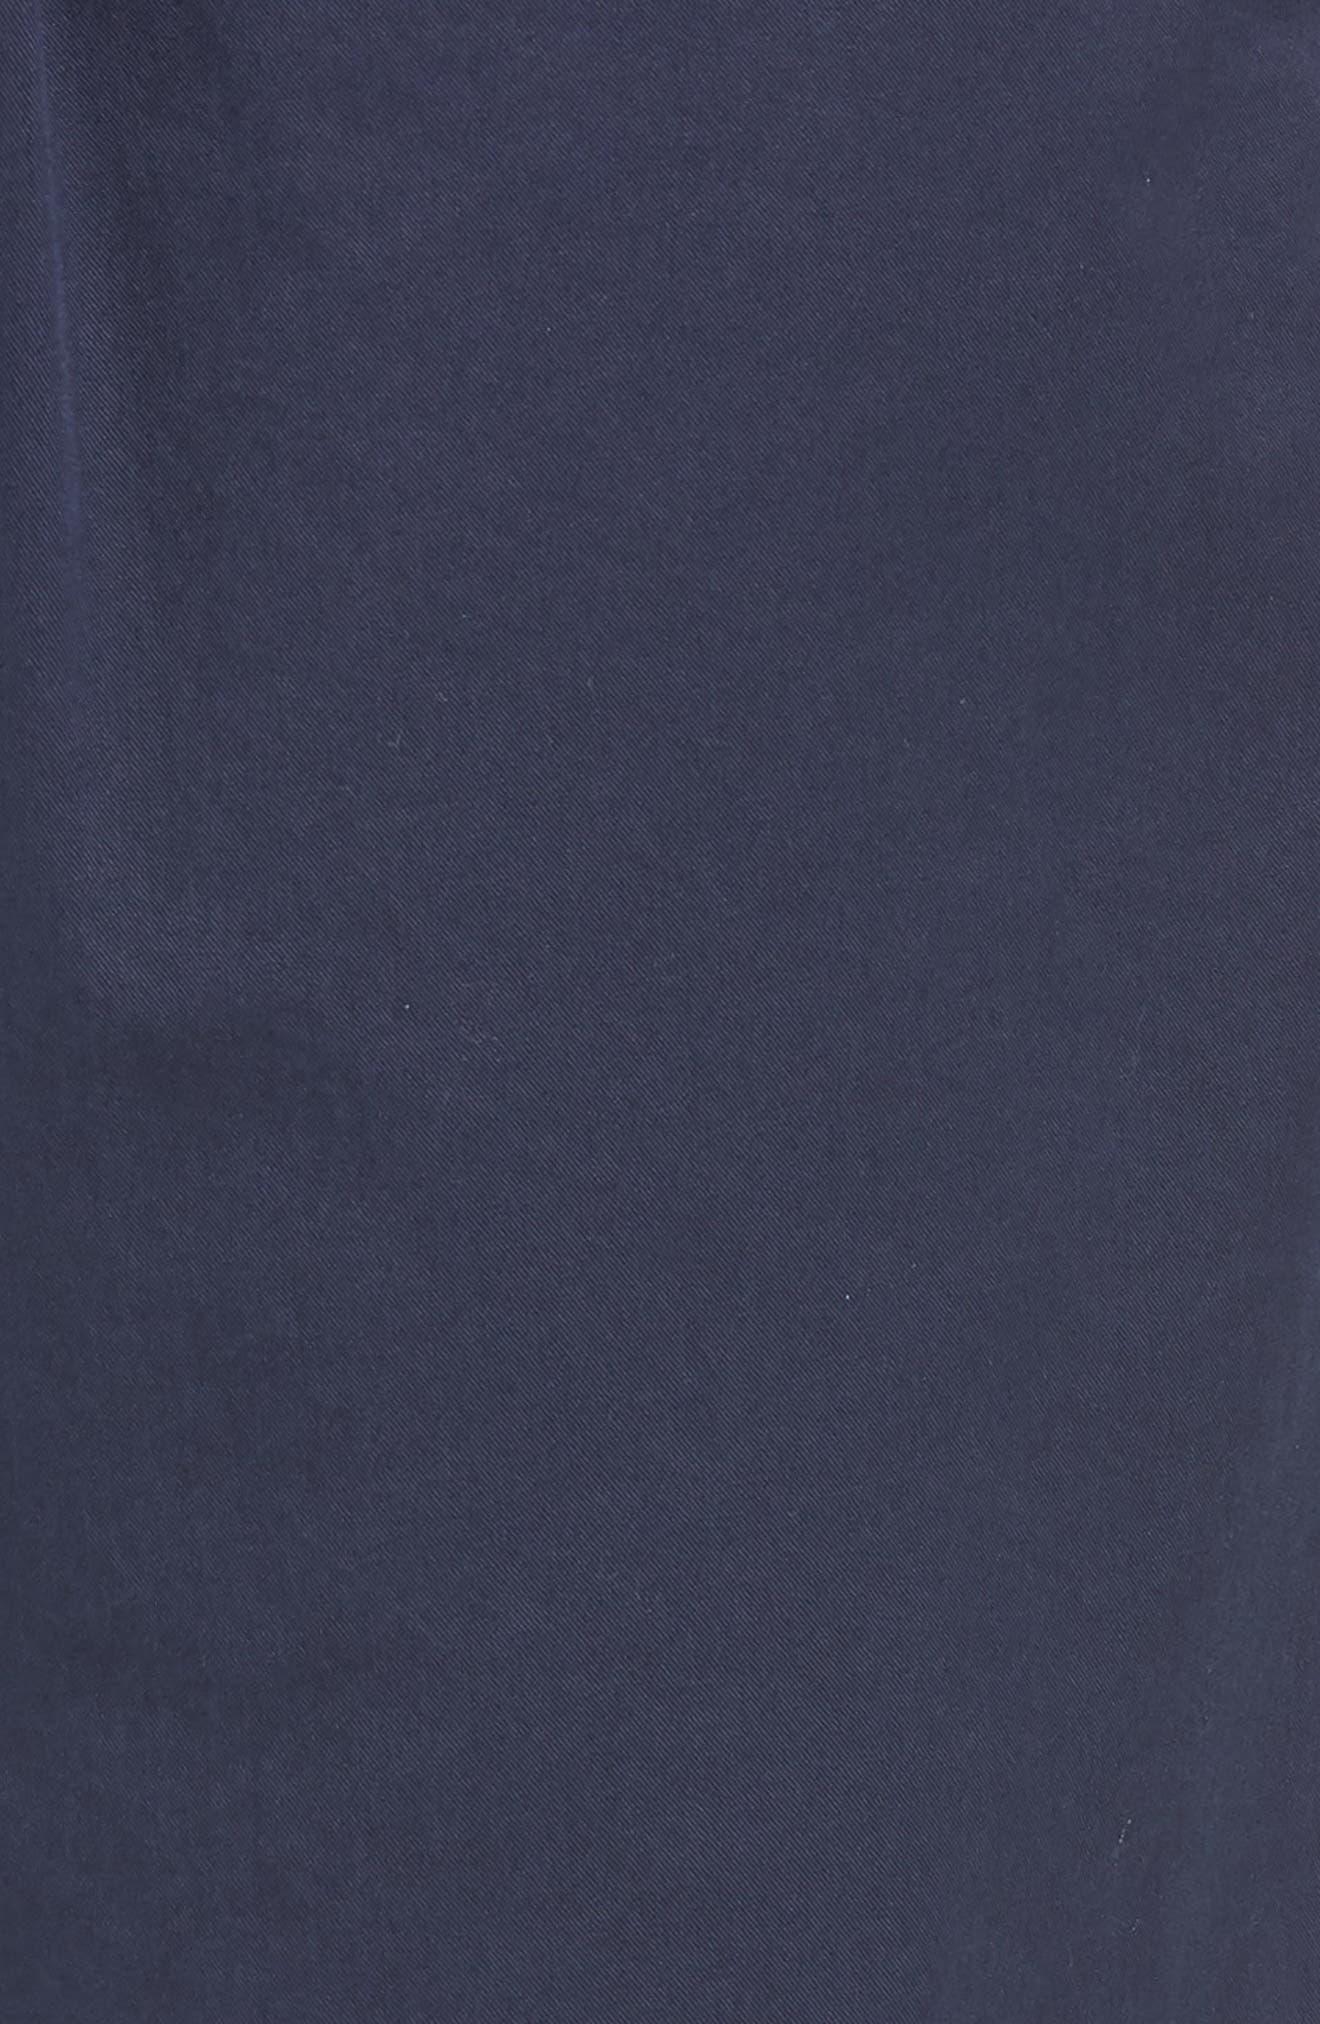 Pleated Chino Shorts,                             Alternate thumbnail 3, color,                             Navy Peacoat